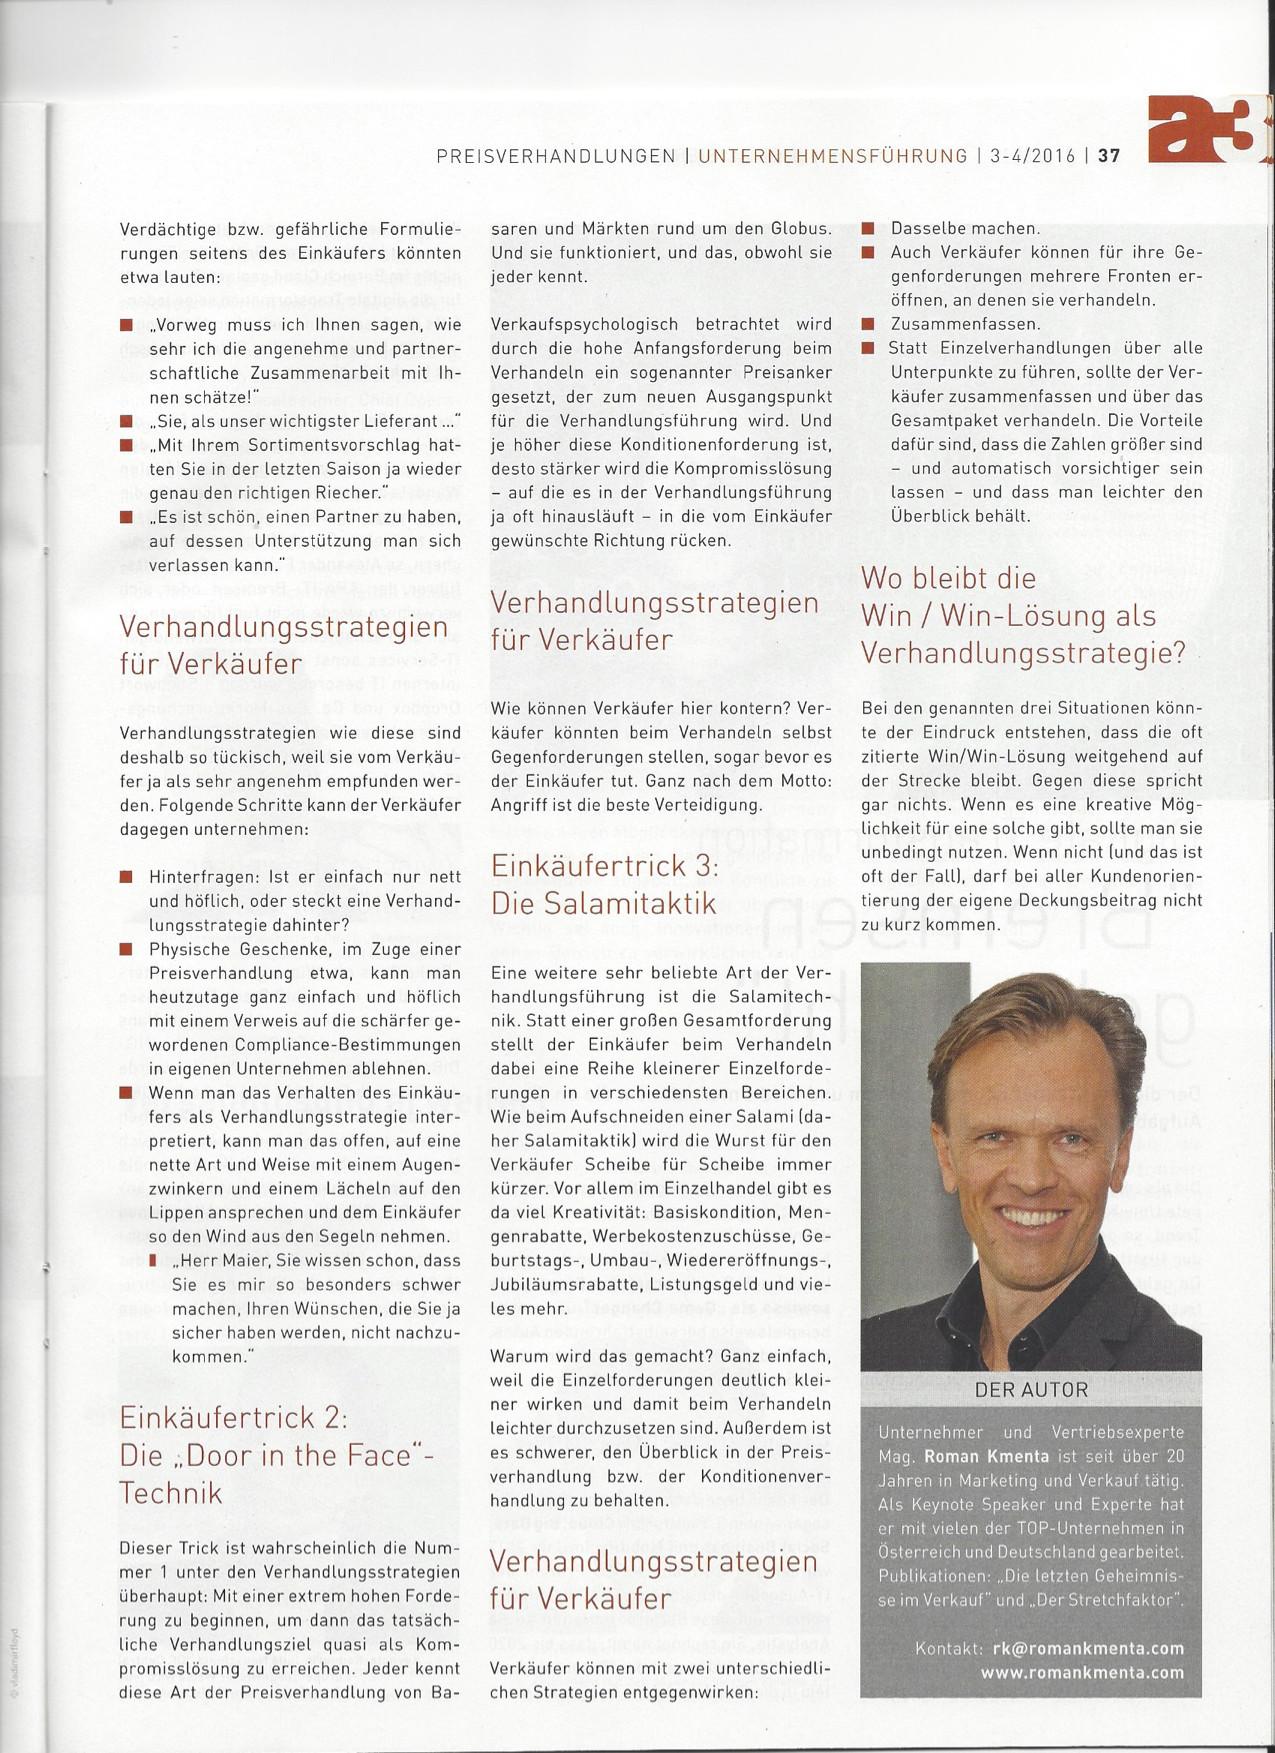 Tückische Taktiken Seite 2 - a3 ECO Magazin 03/2016 - Roman Kmenta - Vortragsredner und Autor